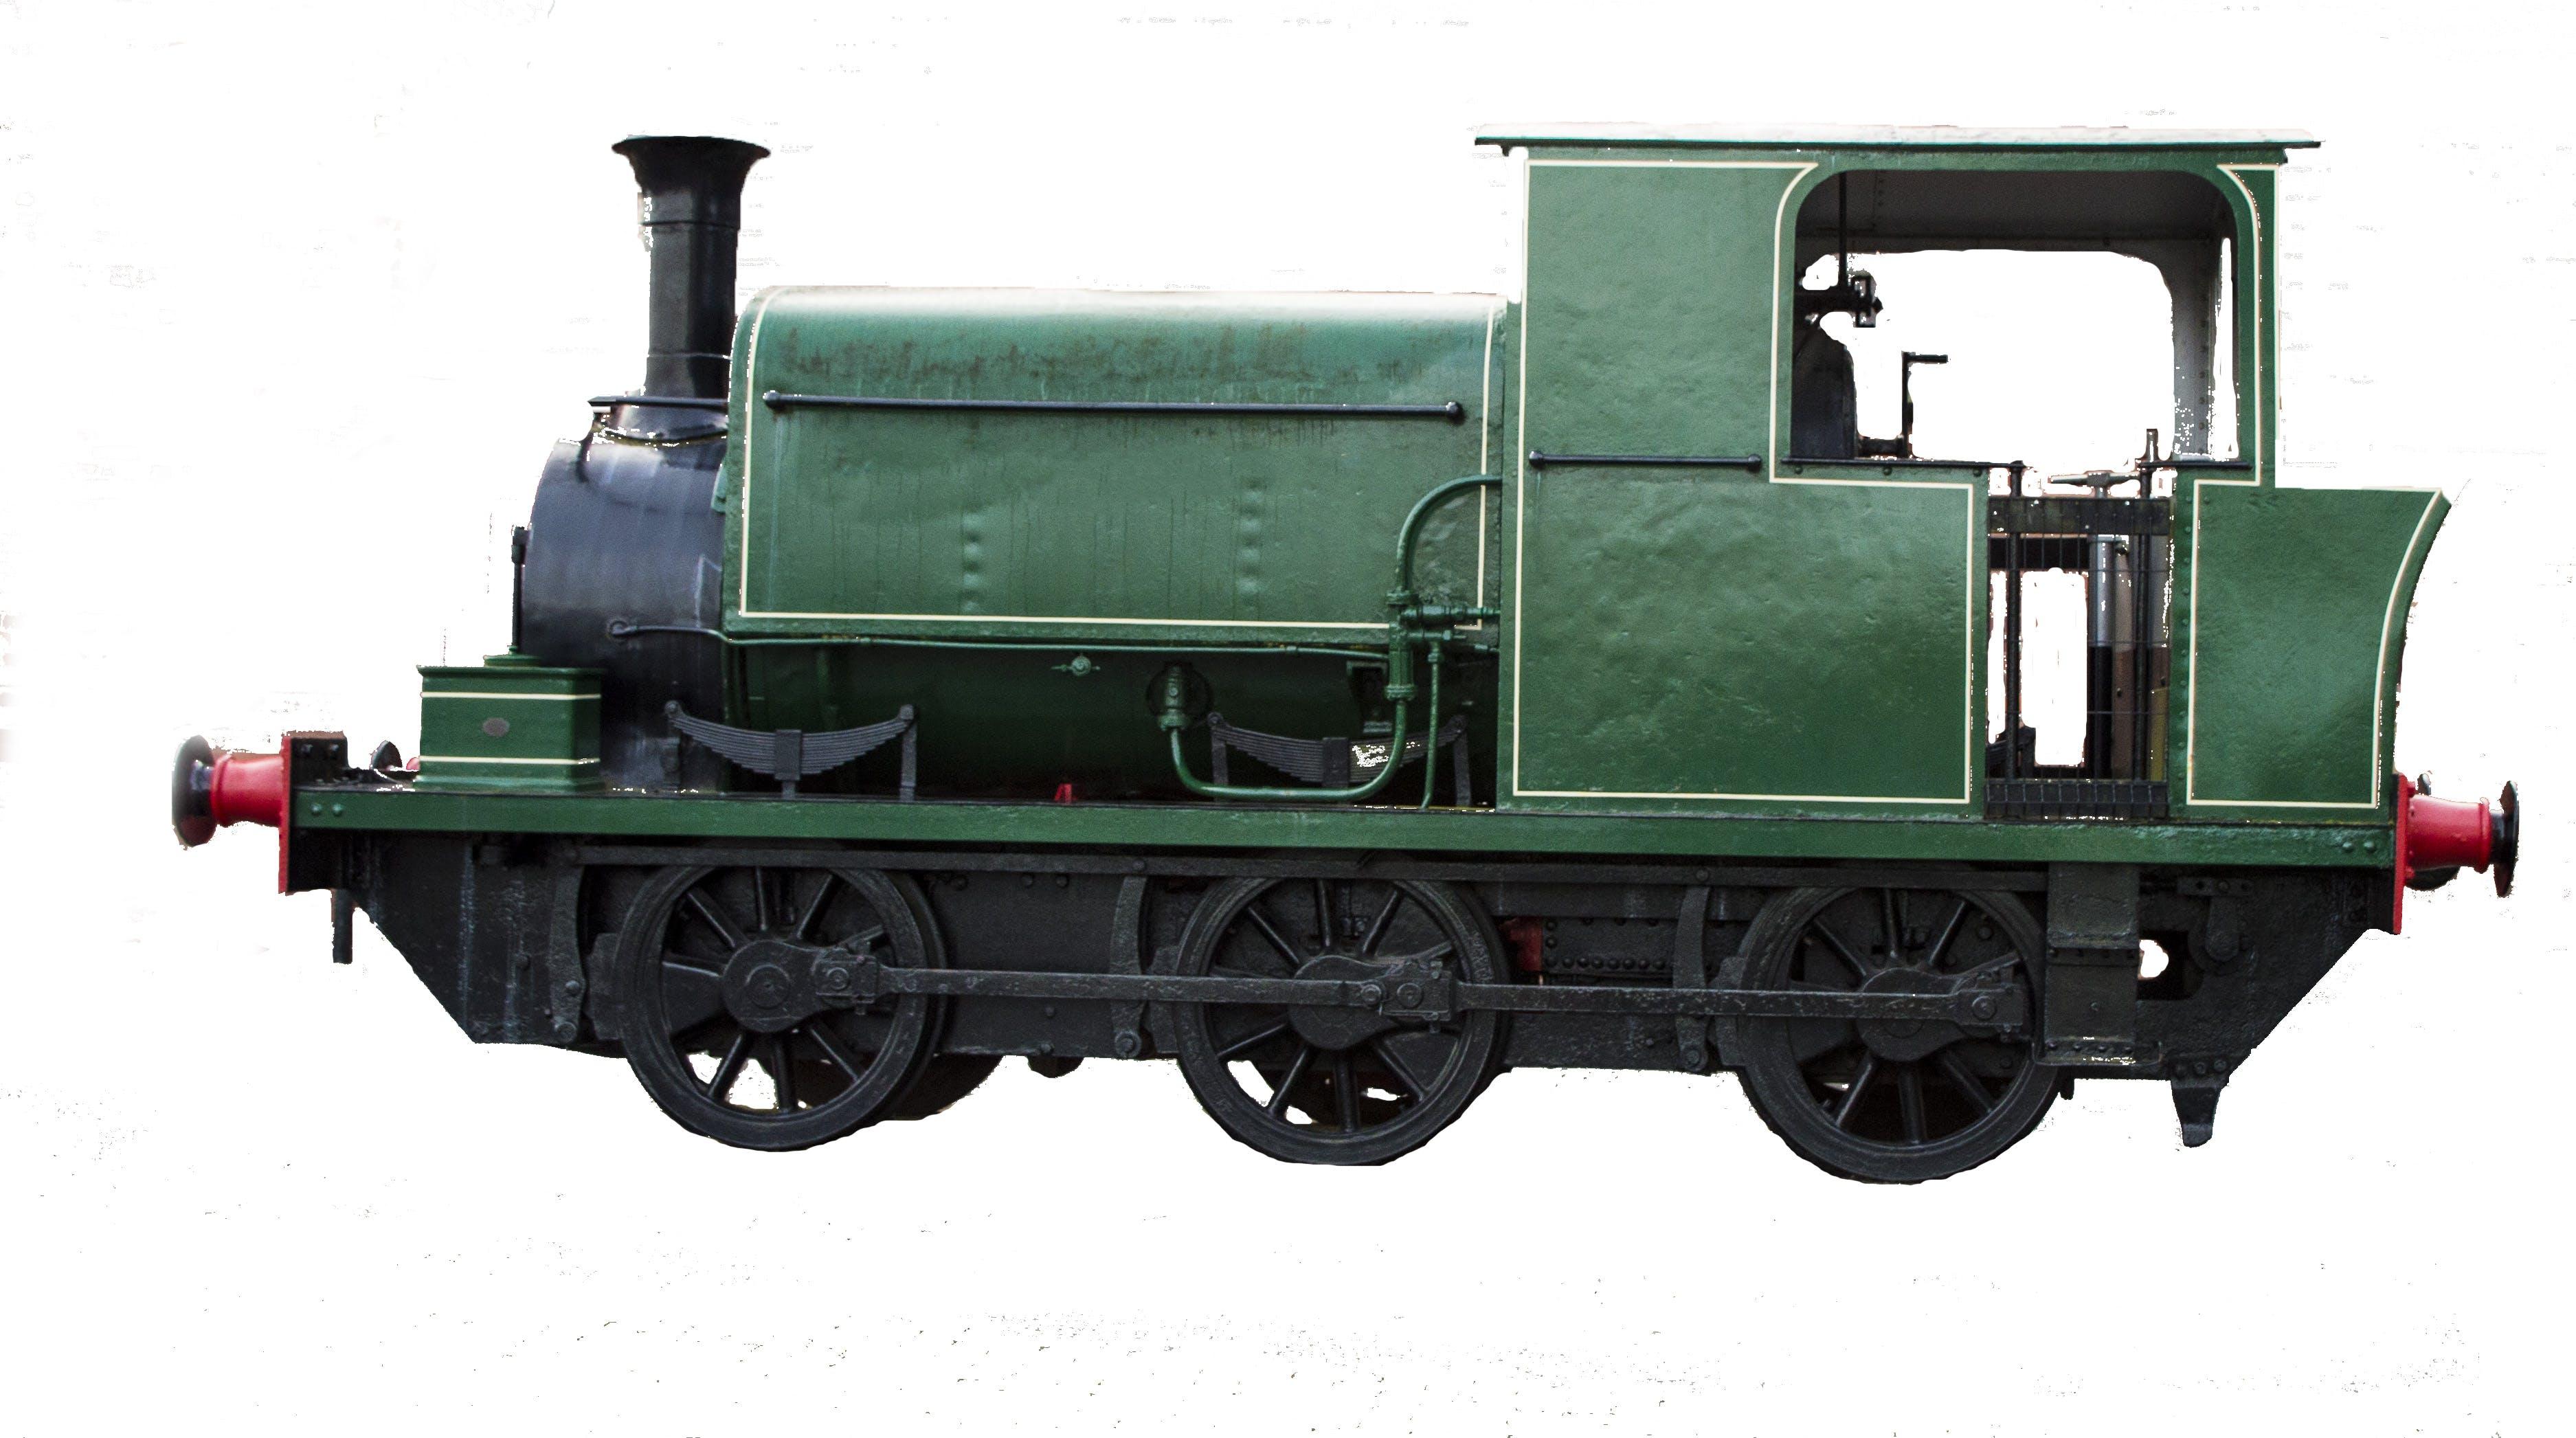 기차, 녹색 기차, 녹색 증기 기관, 증기 기관의 무료 스톡 사진